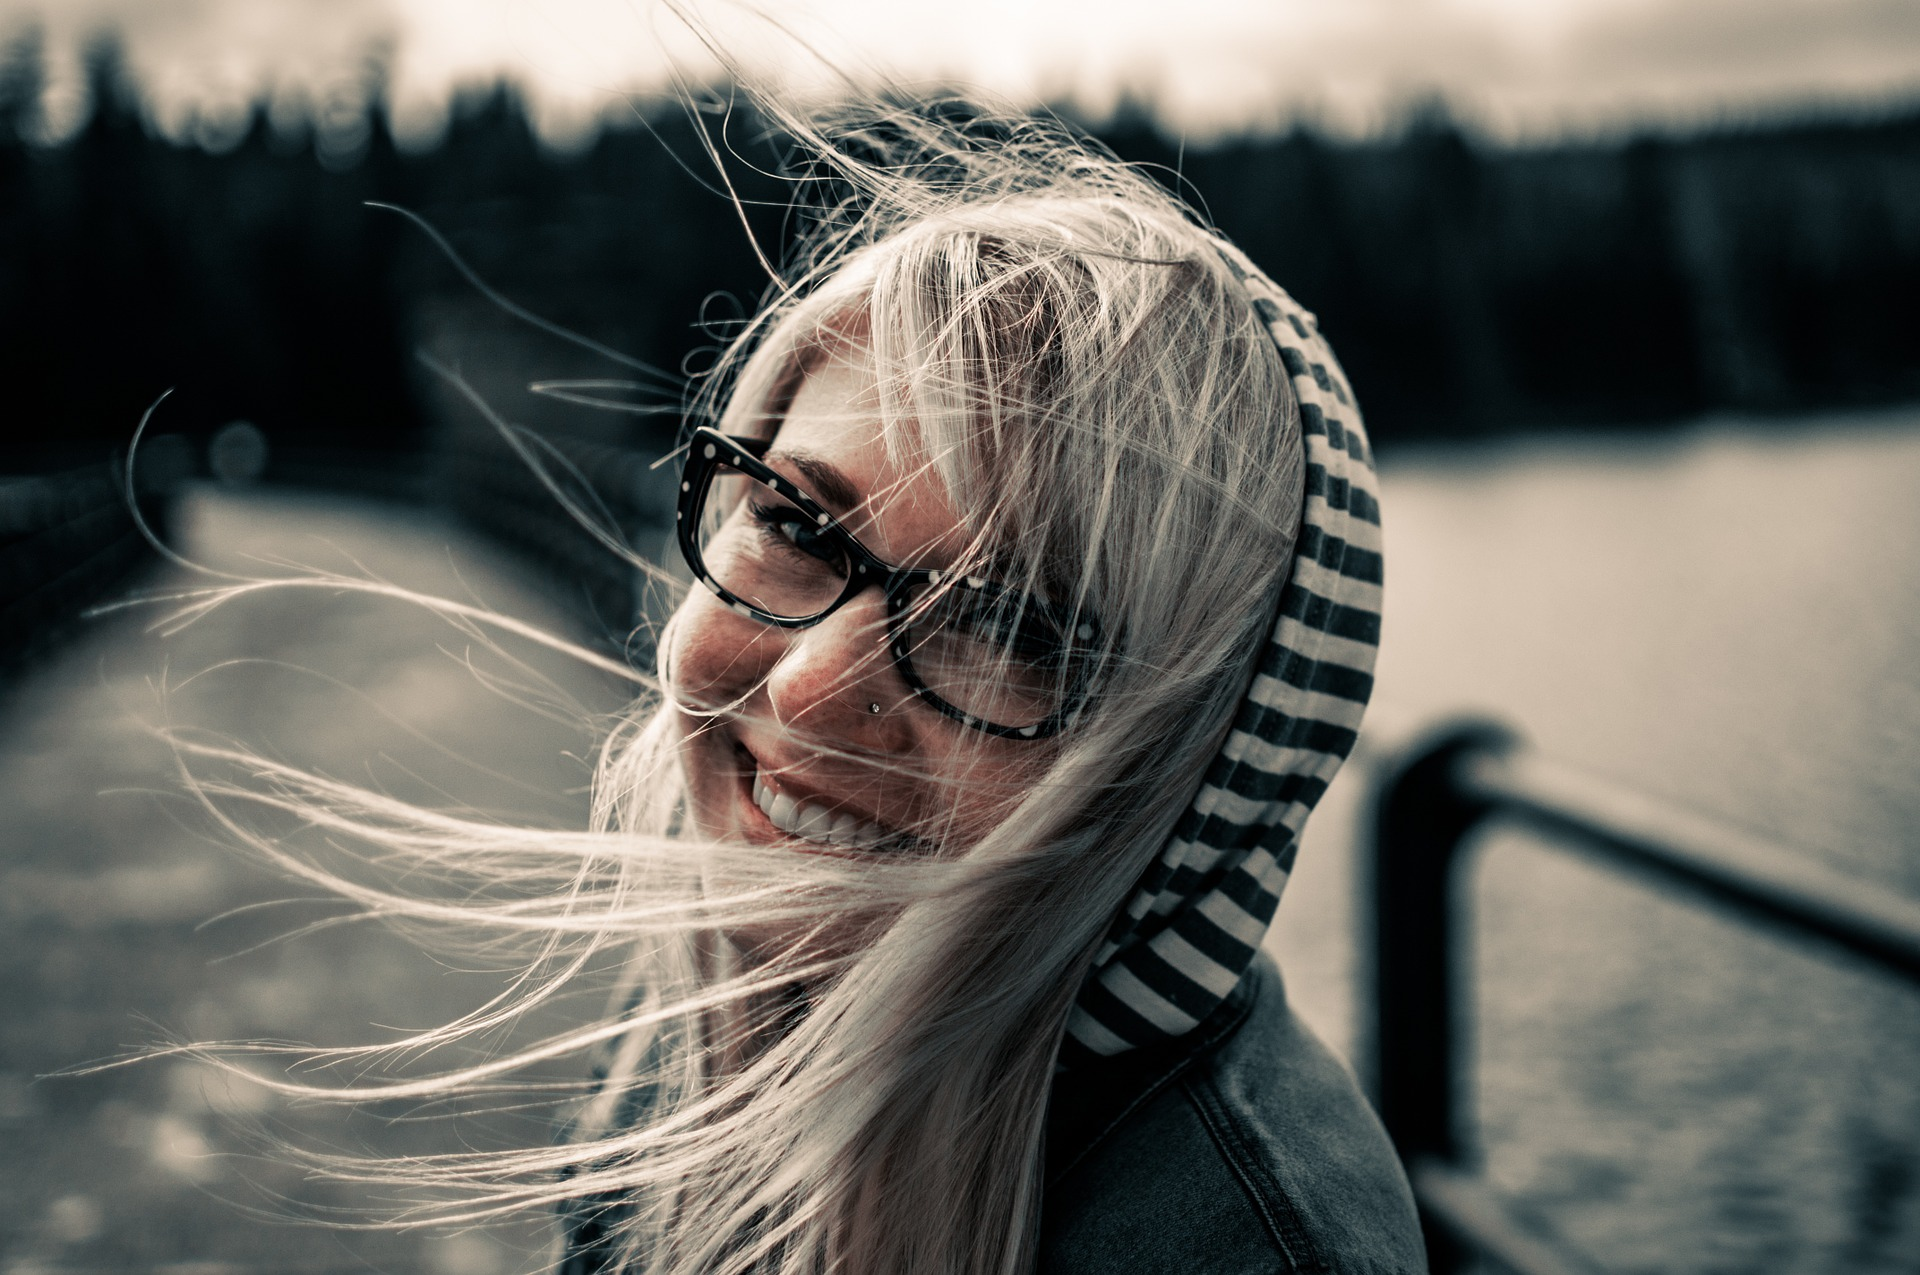 Vhodný výběr účesu k brýlím